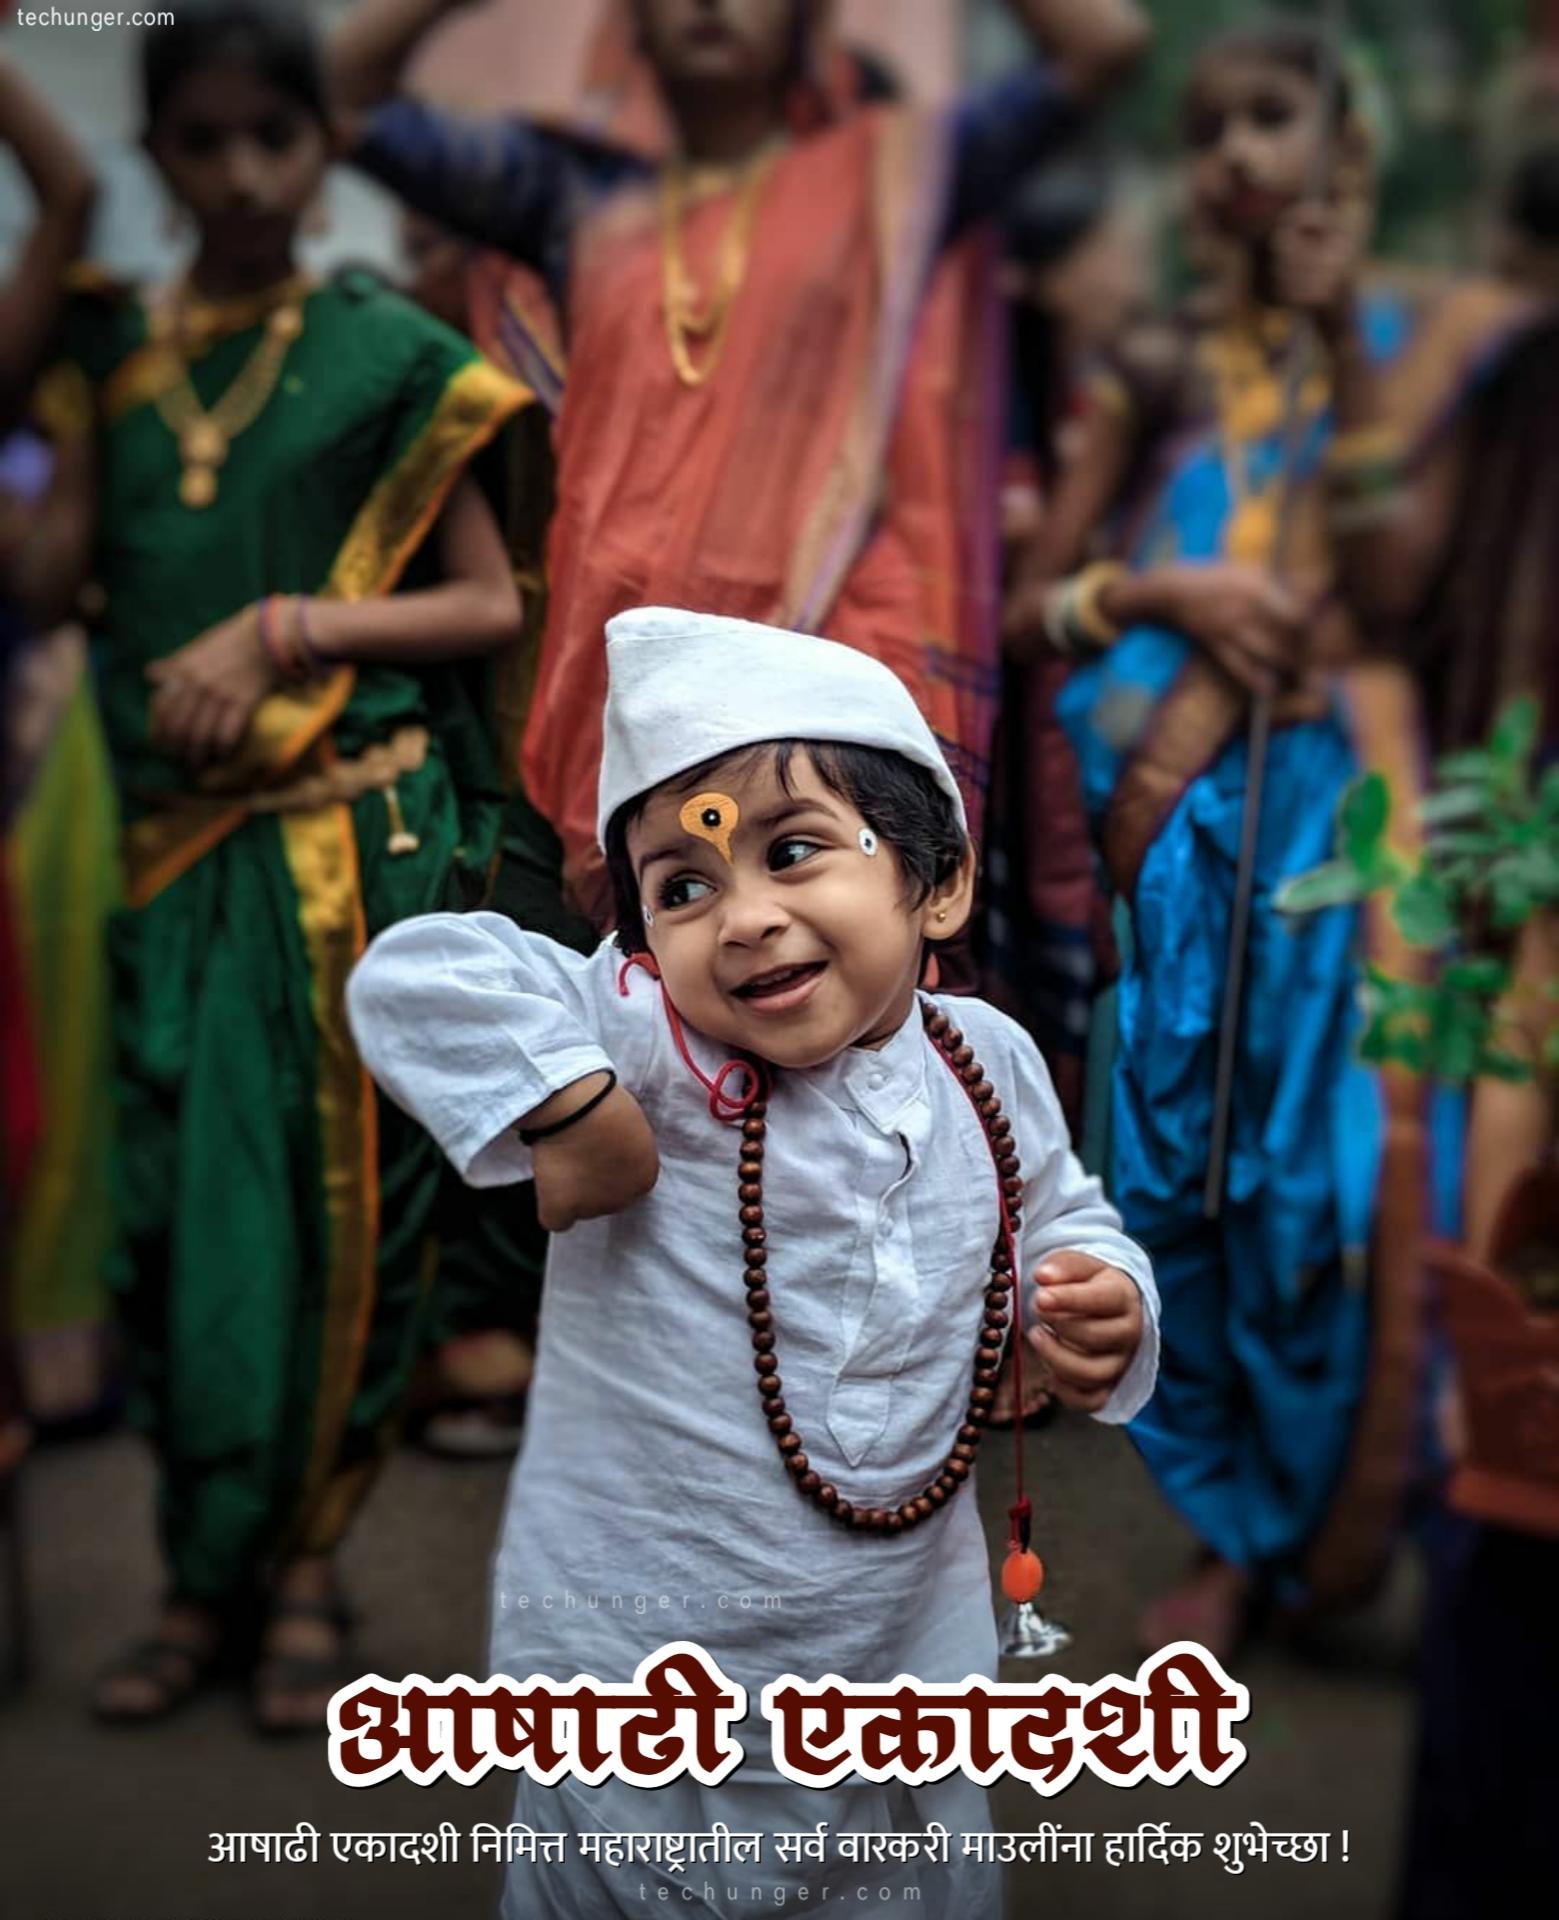 आषाढी एकादशी निमित्त महाराष्ट्रातील सर्व वारकरी माउलींना हार्दिक शुभेच्छा !